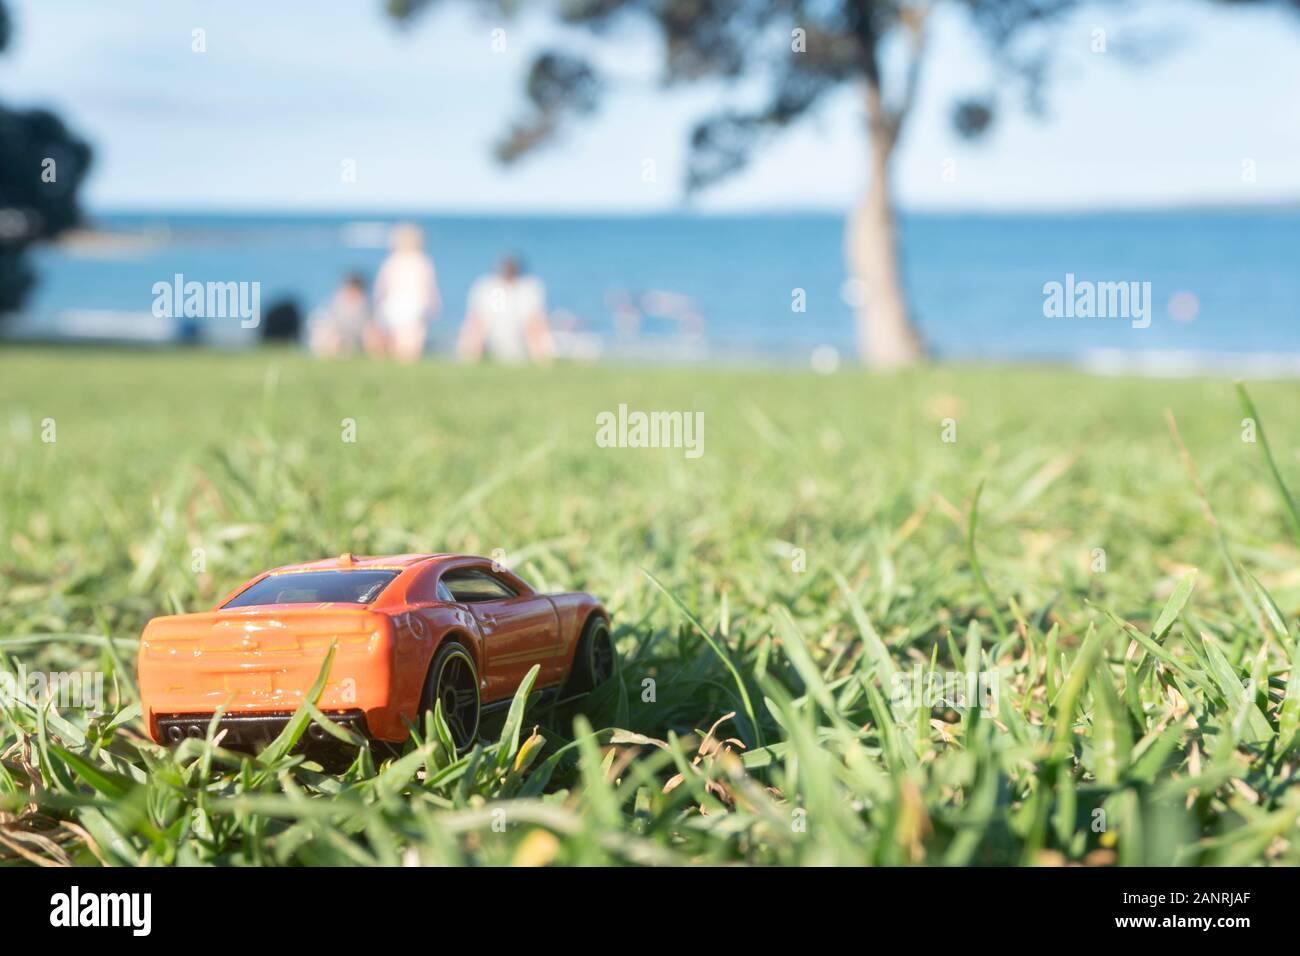 Un coche de juguete y picnic familiar en la playa - imagen de perspectiva en miniatura forzada Foto de stock